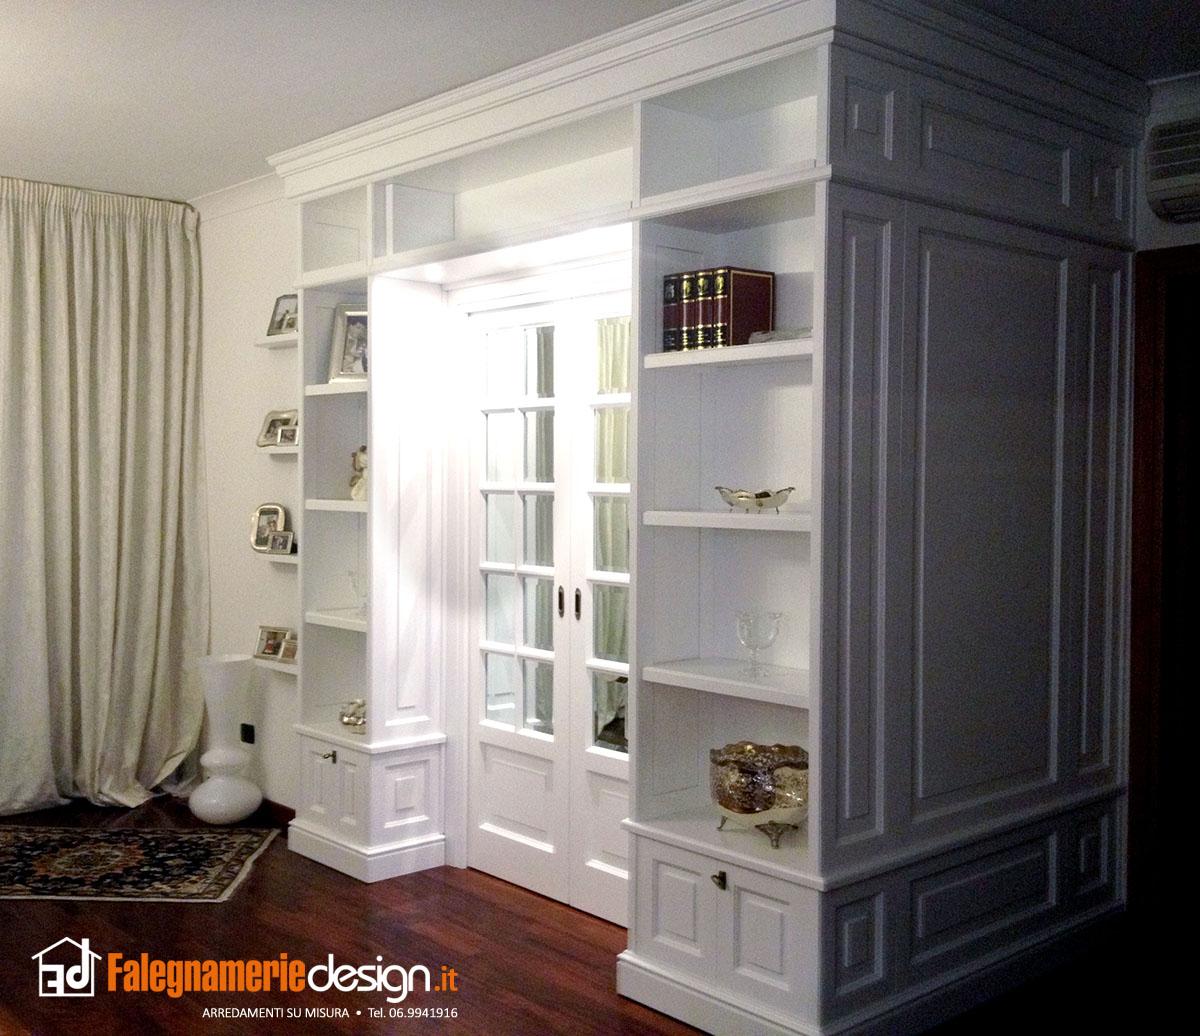 Boiserie uguale alla libreria arredamenti e mobili su for Falegnamerie design